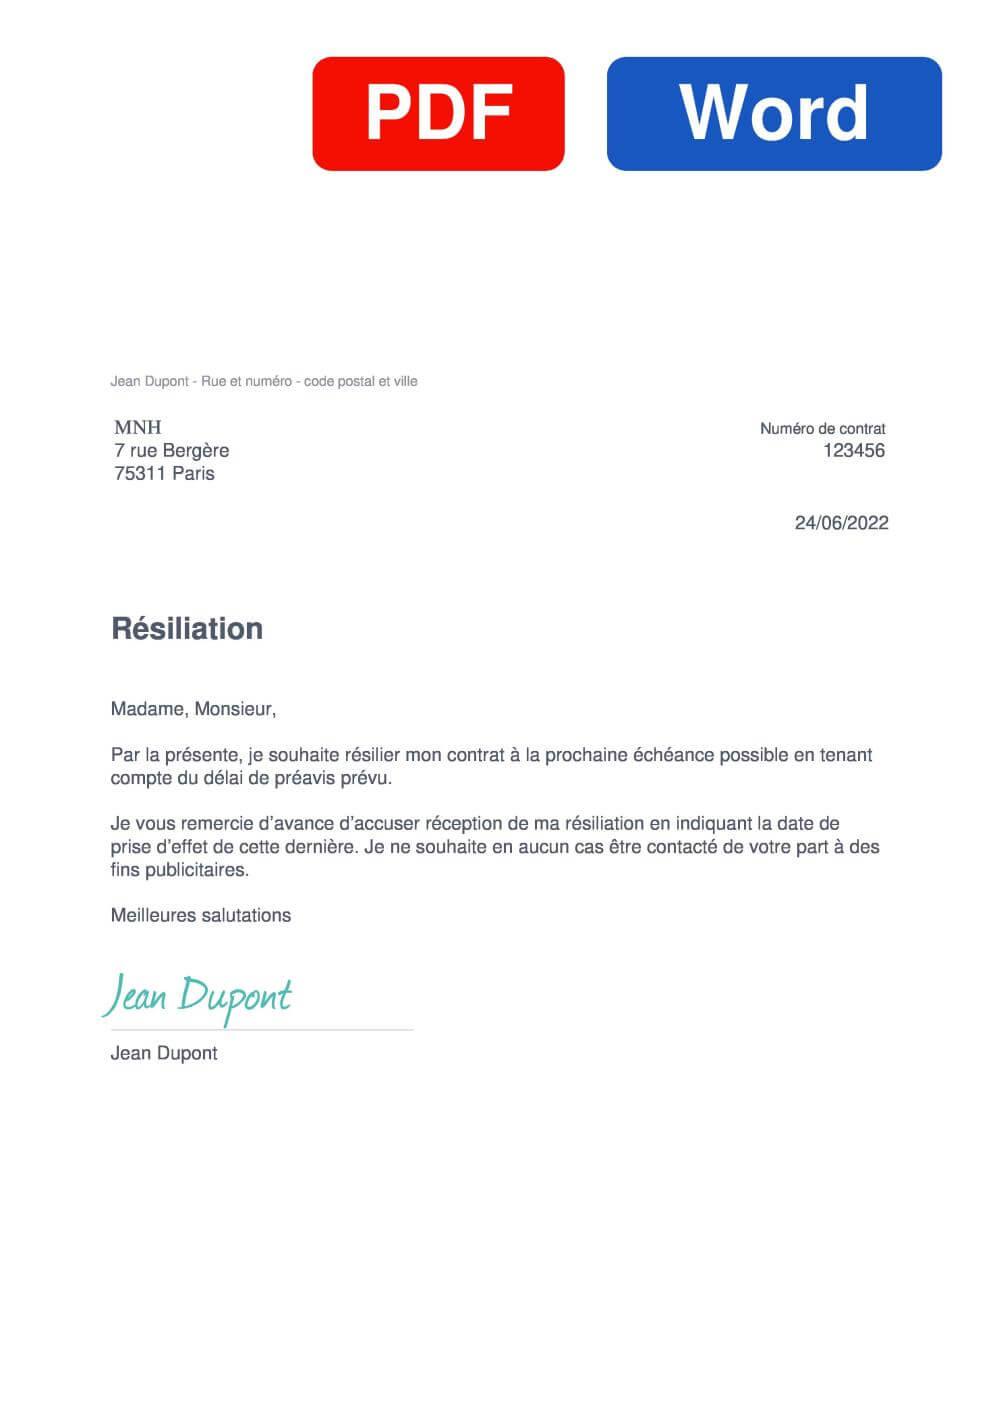 MNH Santé Assurance Modèle de lettre de résiliation